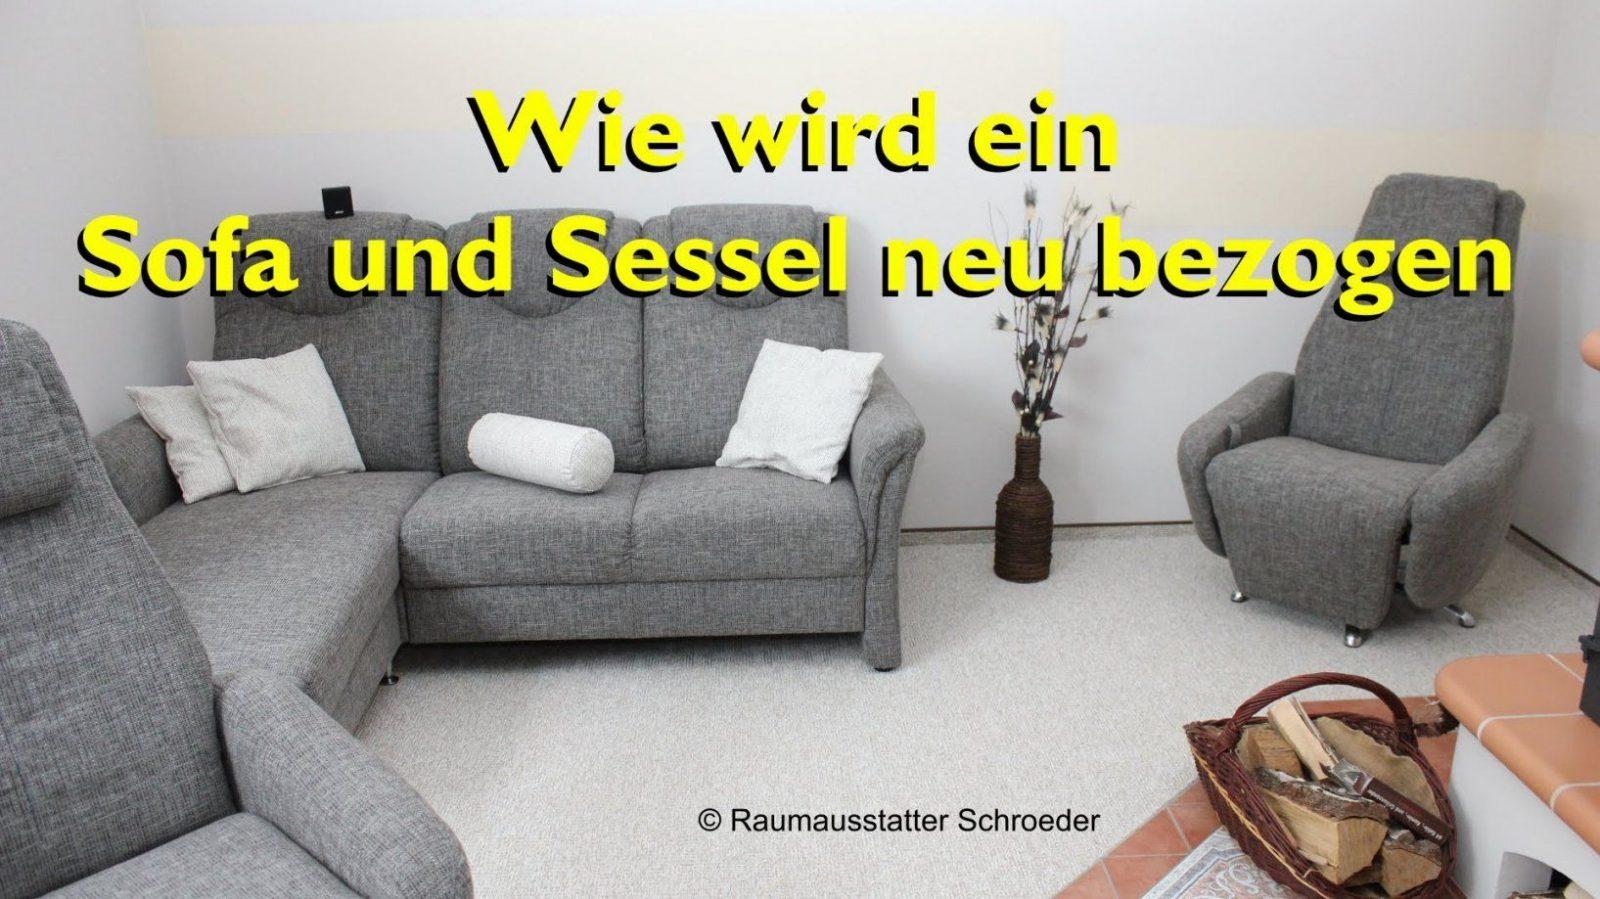 Sofa Und Sessel Neu Beziehen  Polstern  Couch Reupholstery Time von Sofa Selbst Neu Beziehen Photo